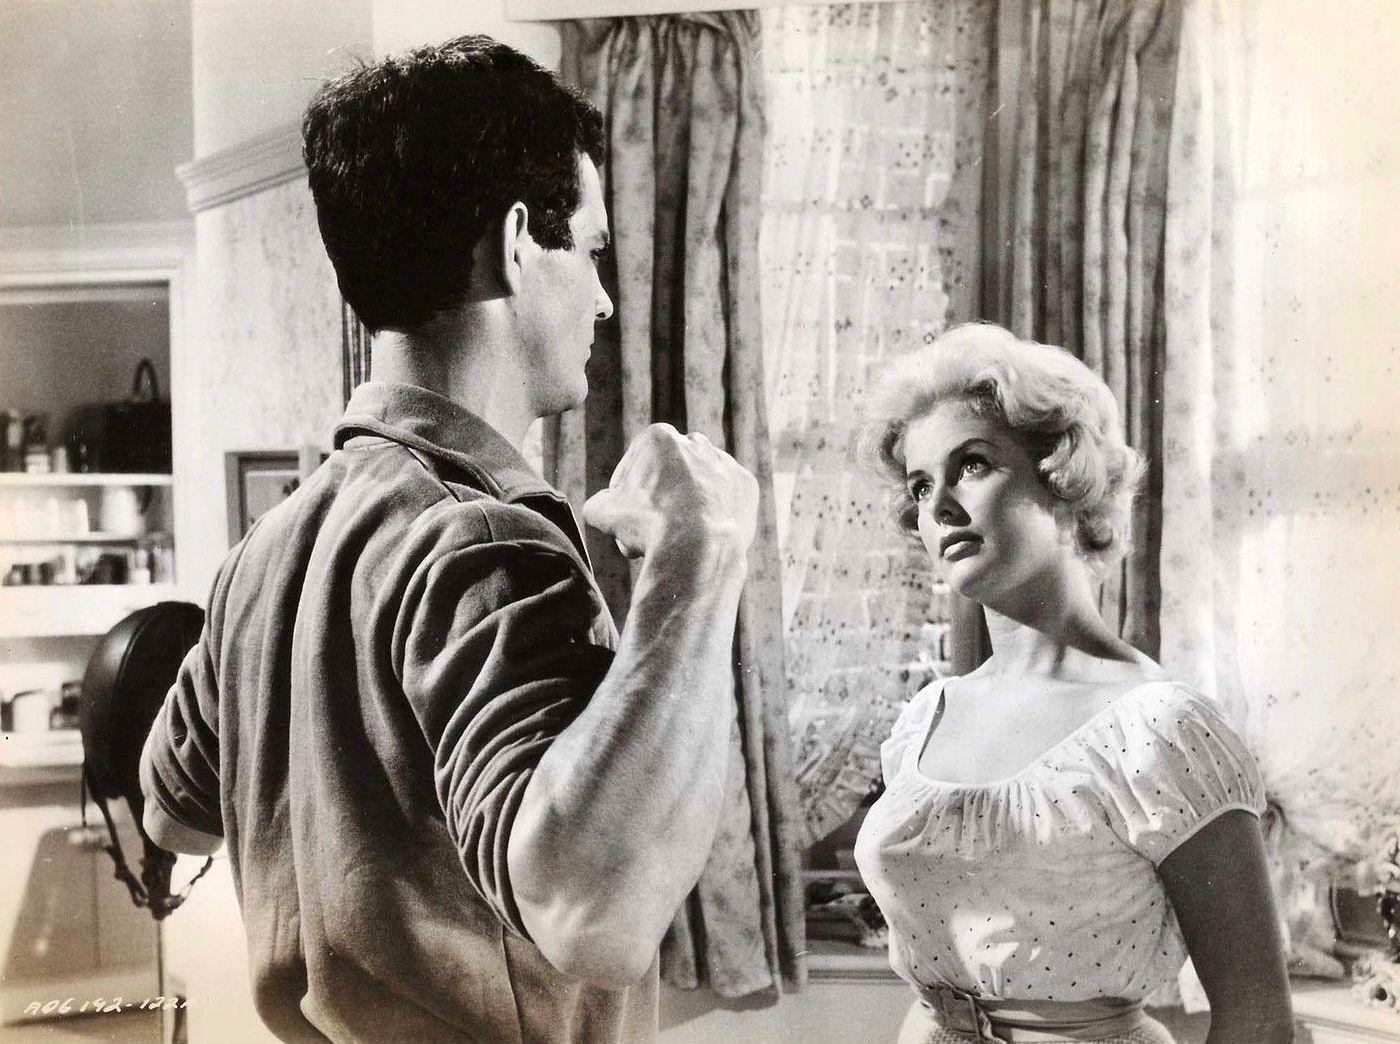 Virginia Vernon in The Millionairess (1960)